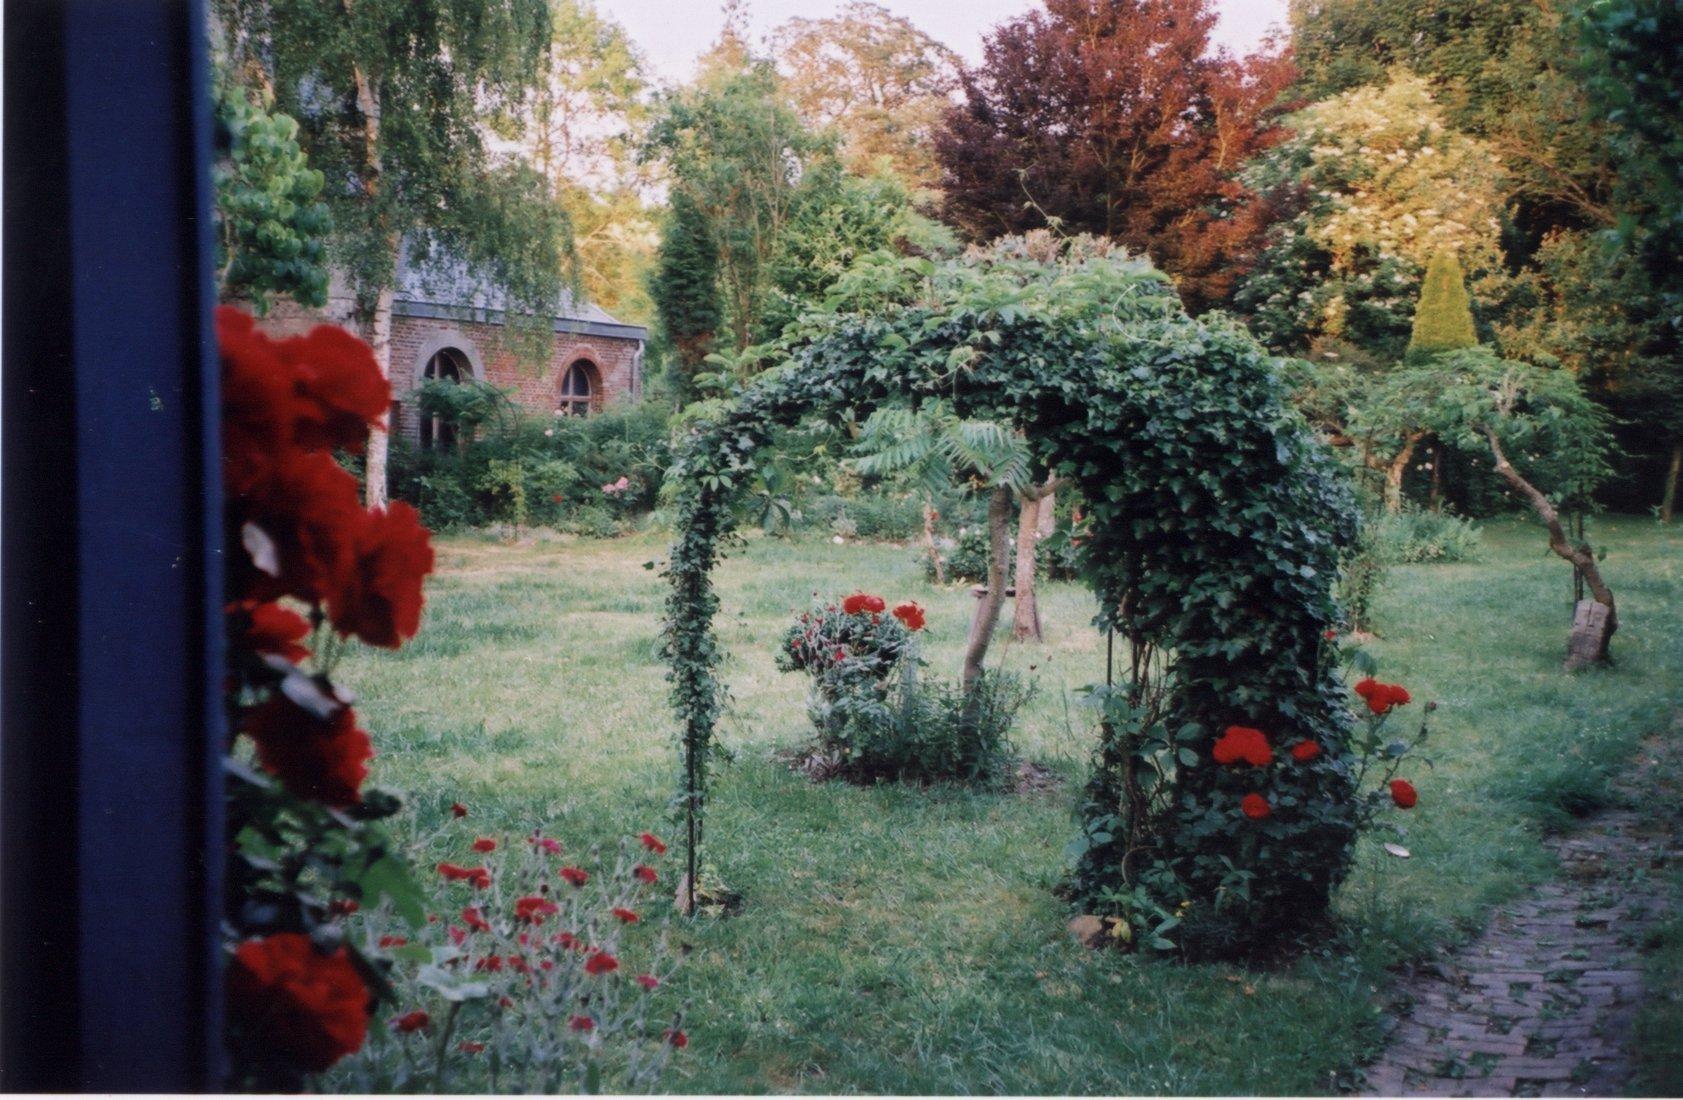 jardin_10.jpg